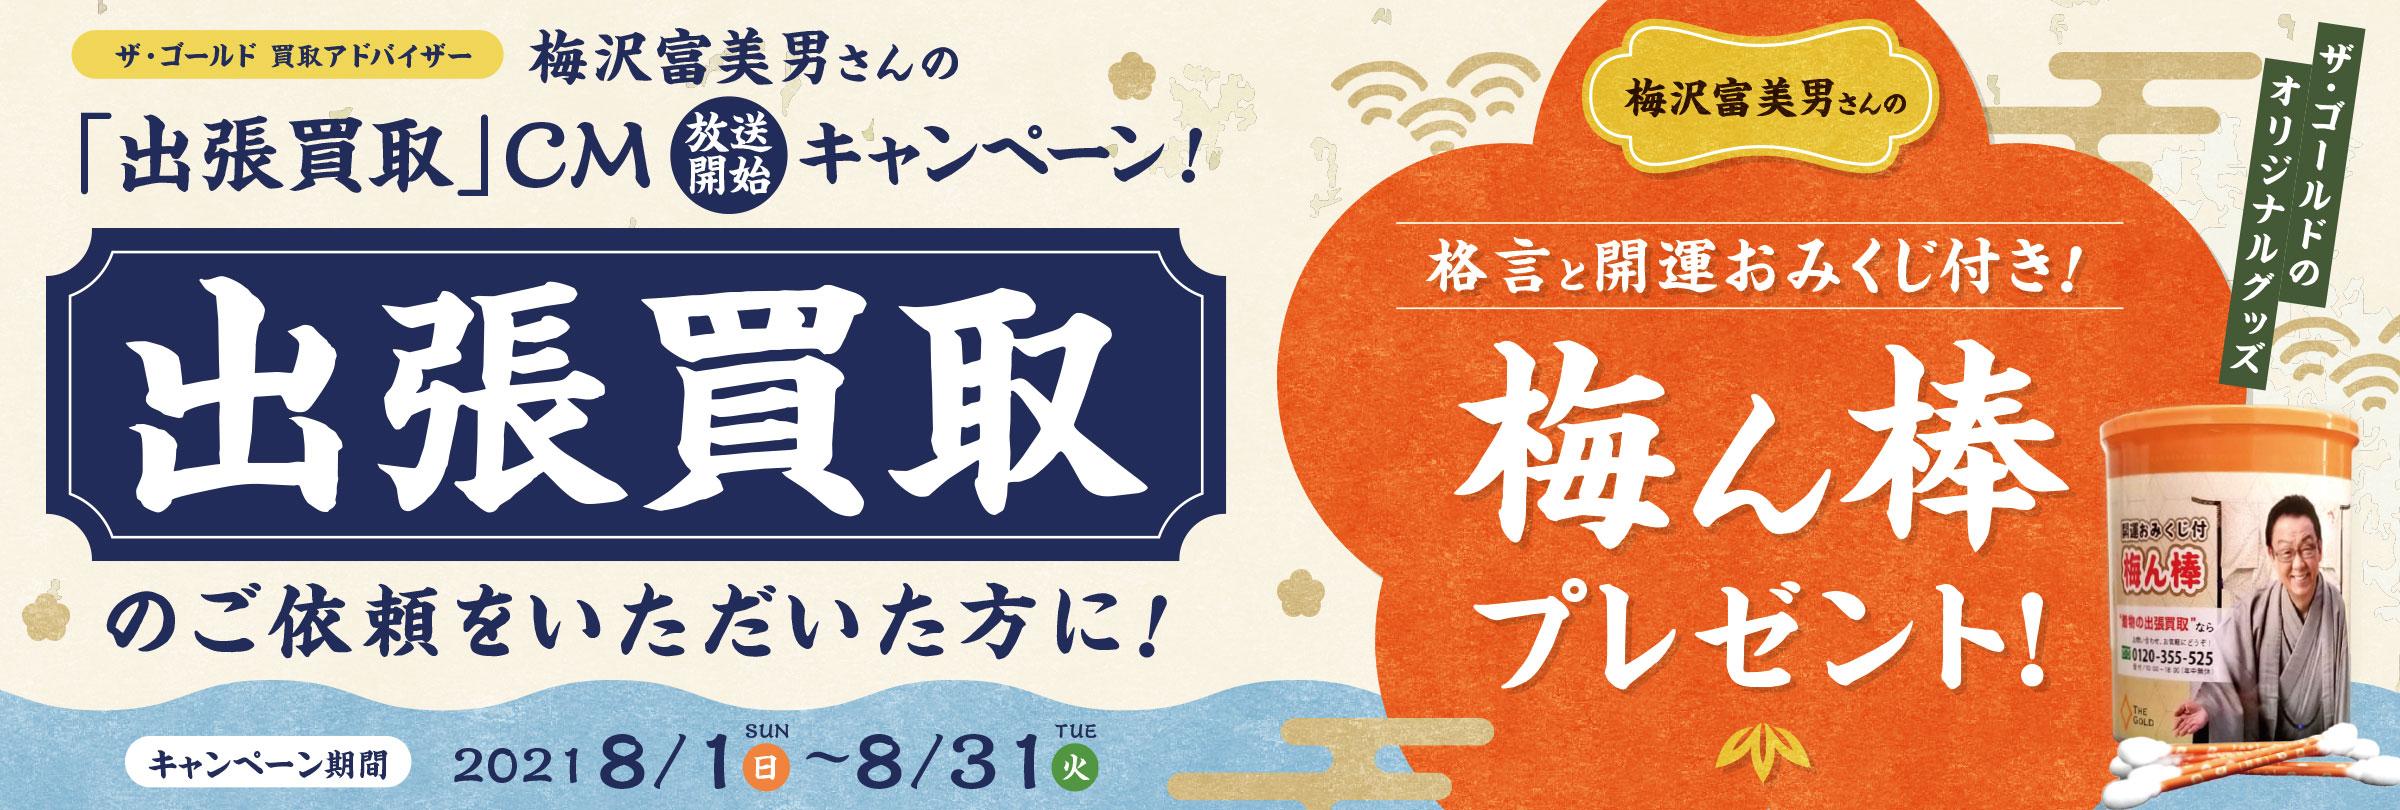 【期間限定8月1日~8月31日】新CM「出張買取篇」放送開始キャンペーンを開始いたします